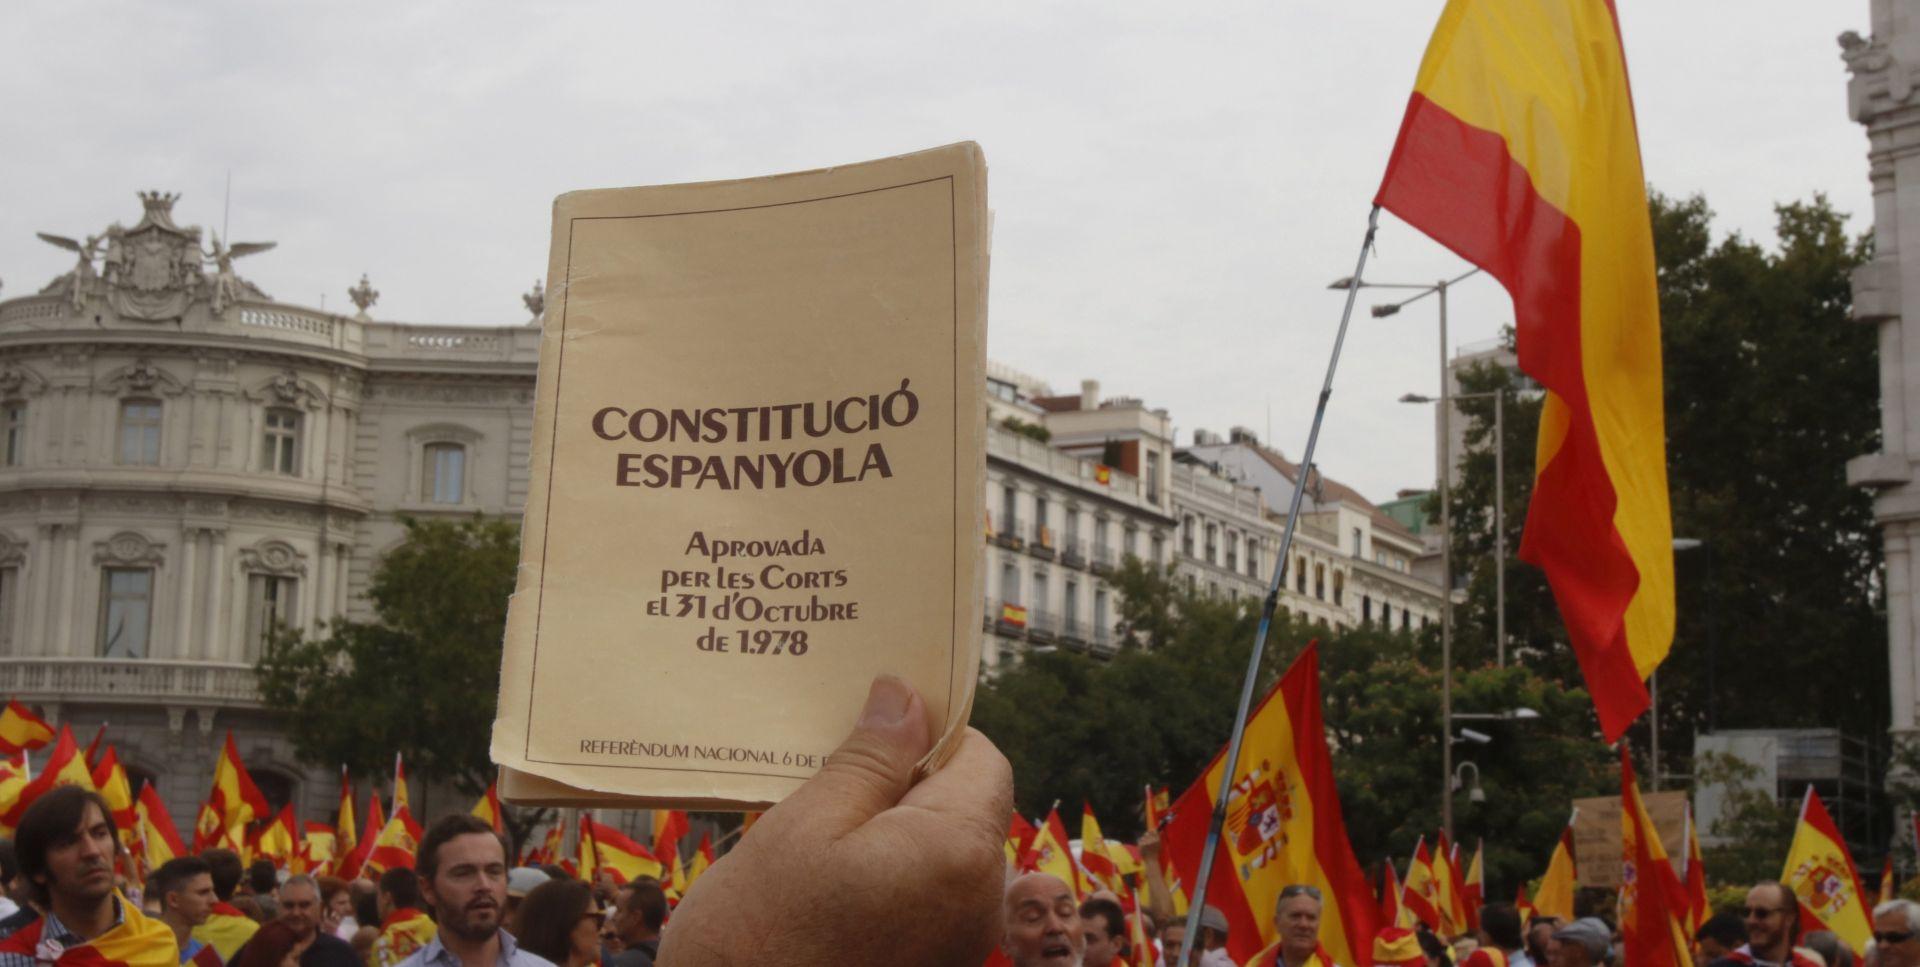 U Madridu 10.000 prosvjednika protiv referenduma u Kataloniji